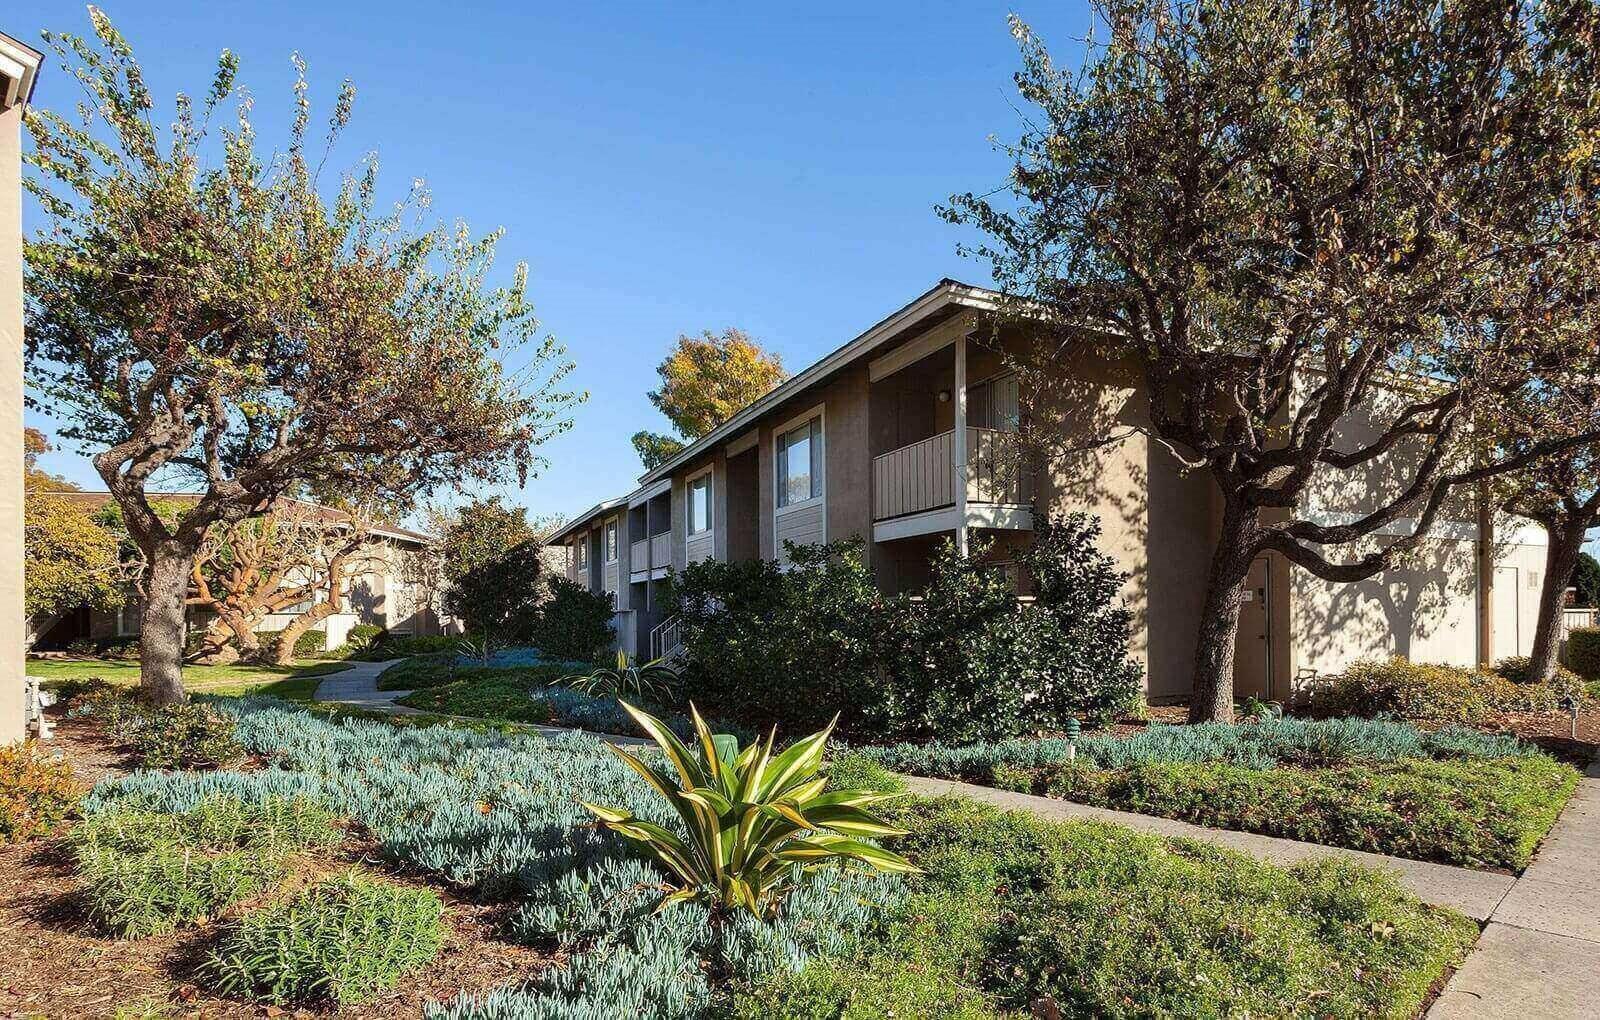 Green Community, at Patterson Place, Santa Barbara, 93111